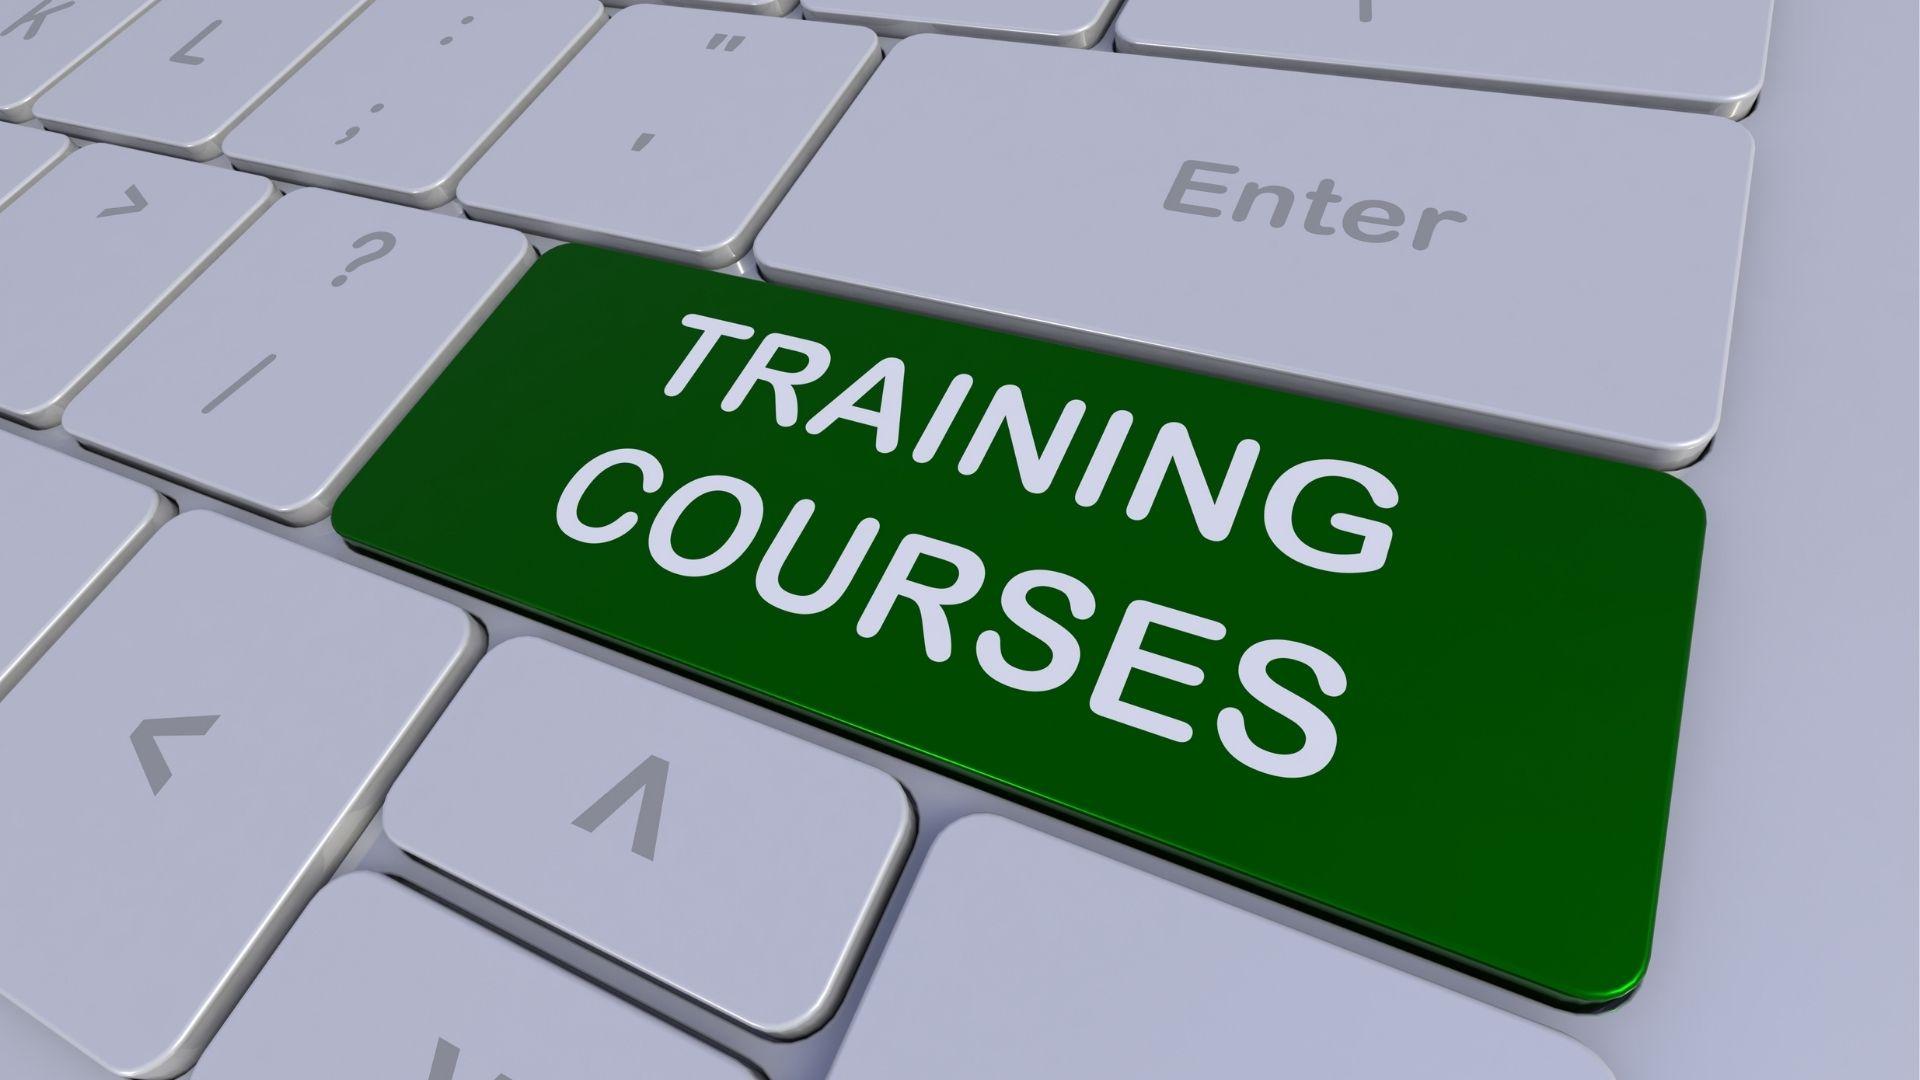 Ag-Training-Courses-Toowoomba-Dates